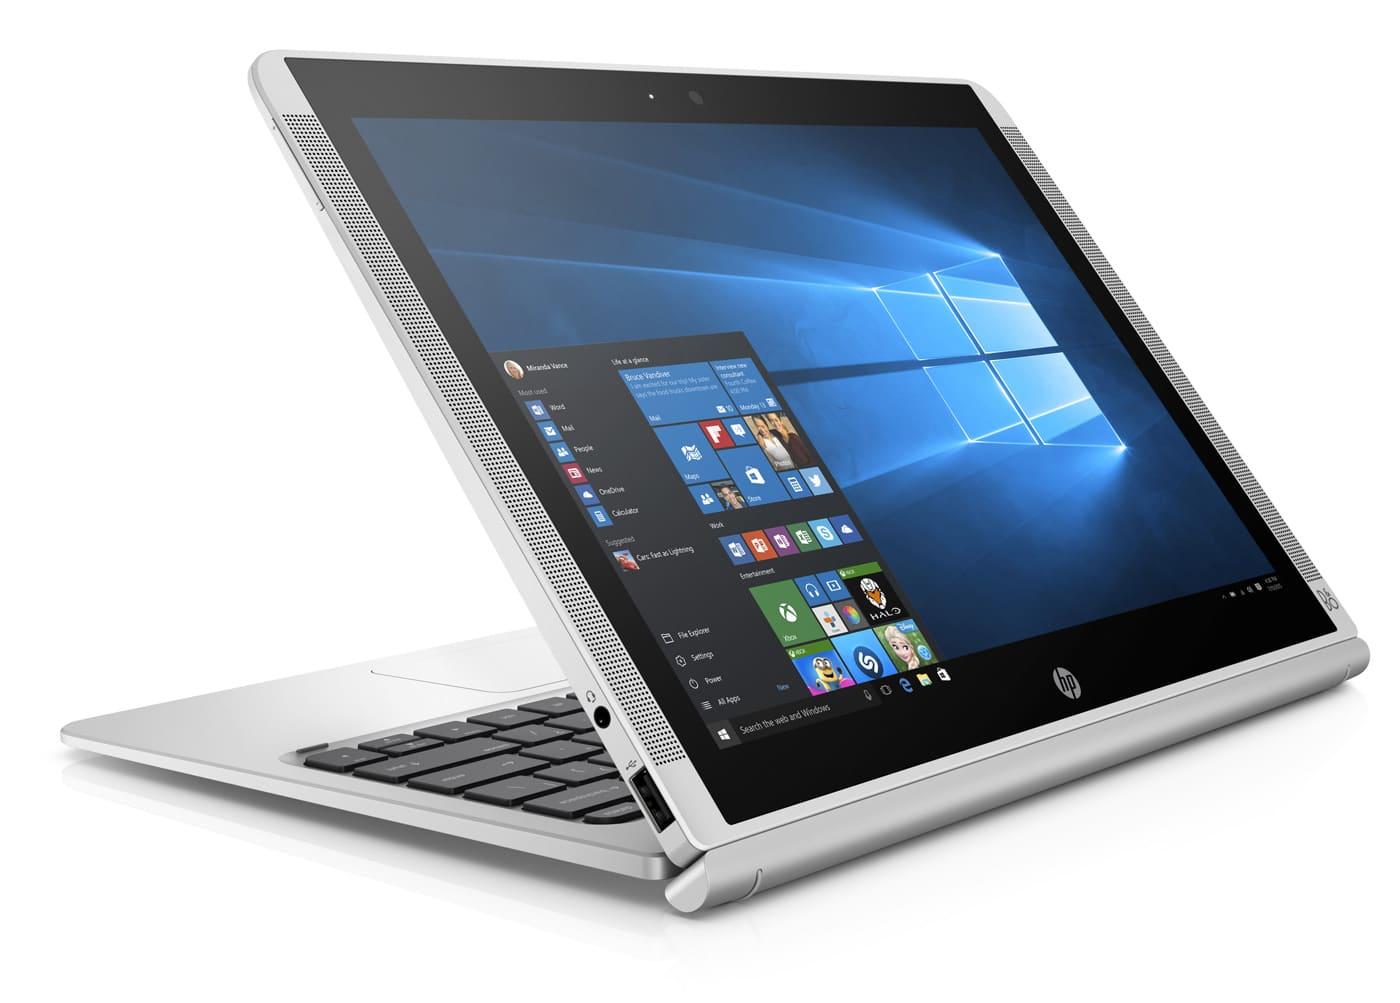 HP Pavilion x2 12-b100nf, tablette 12 pouces avec dock SSD 128Go Full IPS à 689€